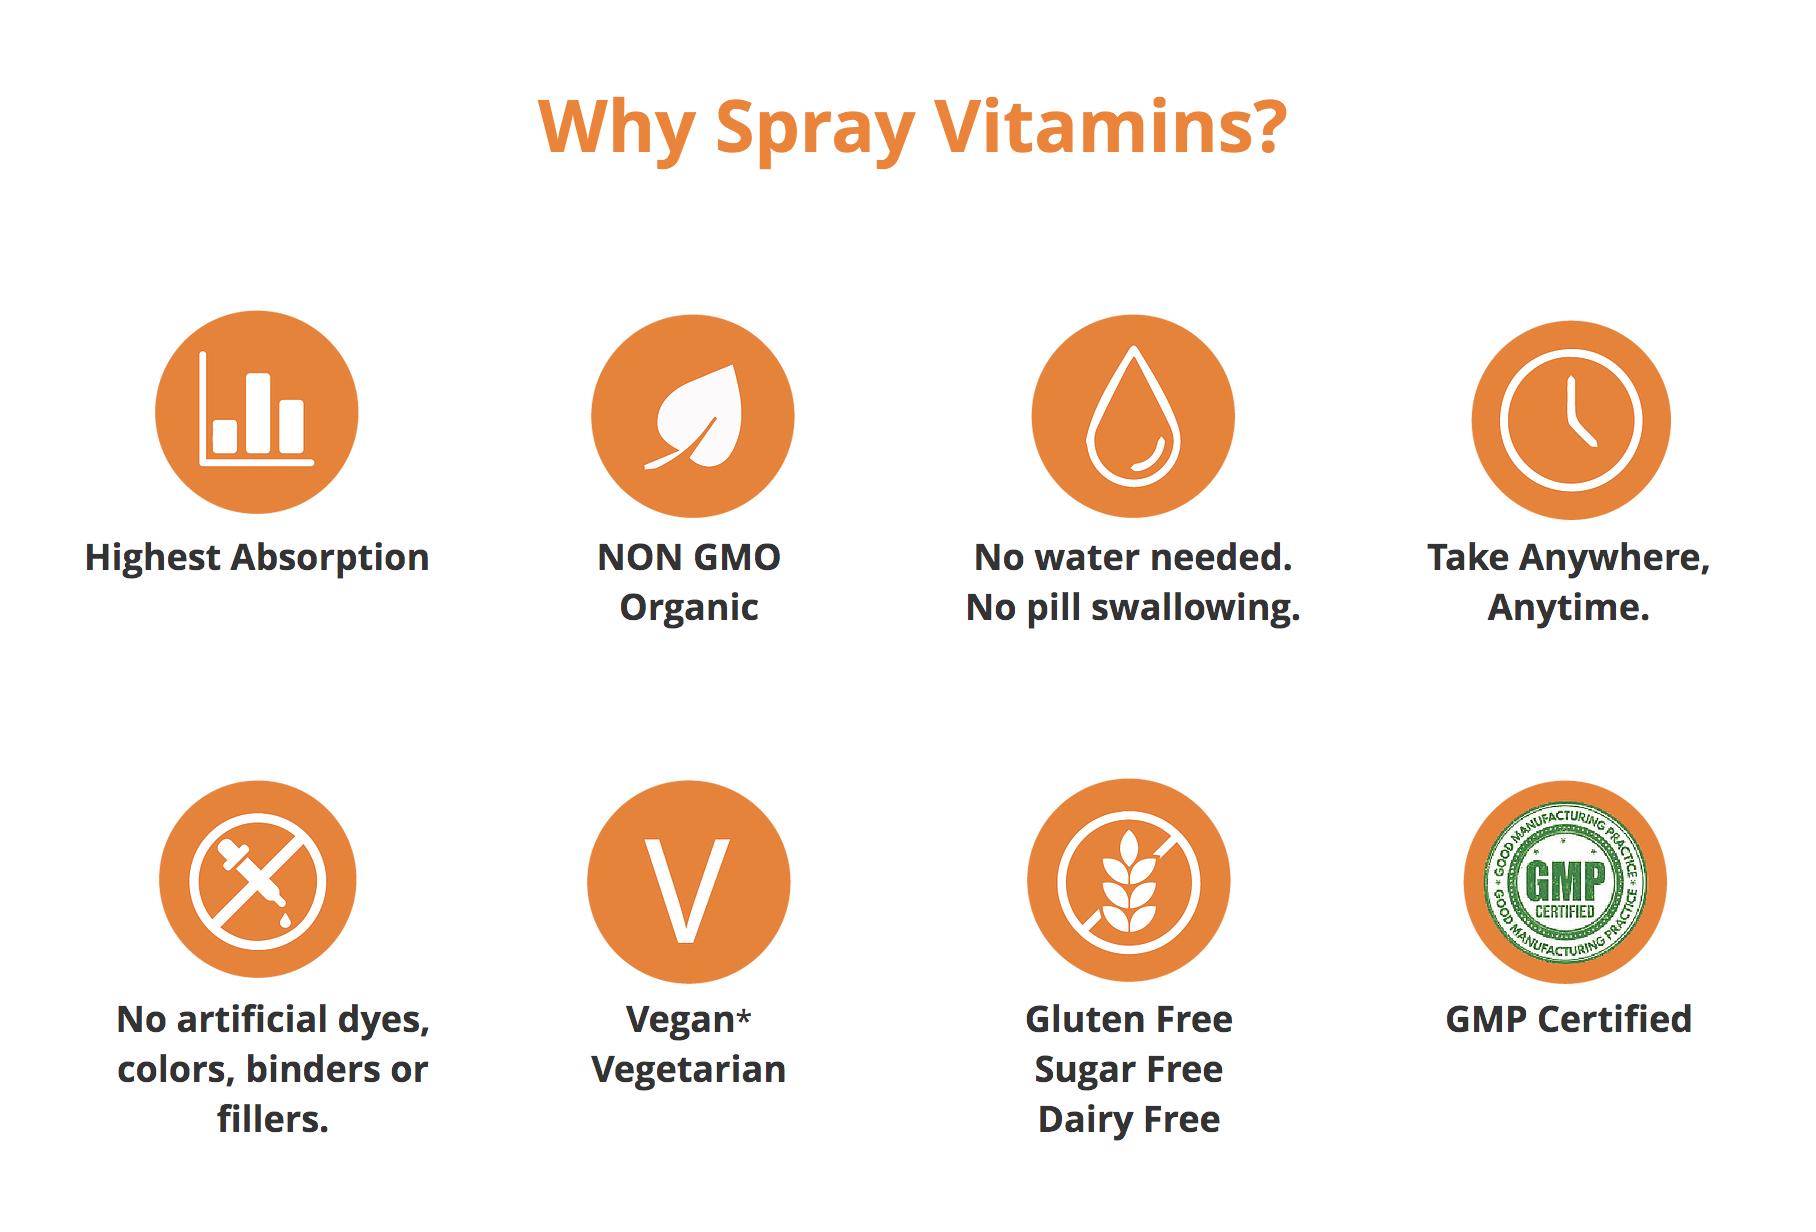 SpectraSpray Why Spray Vitamins.jpg